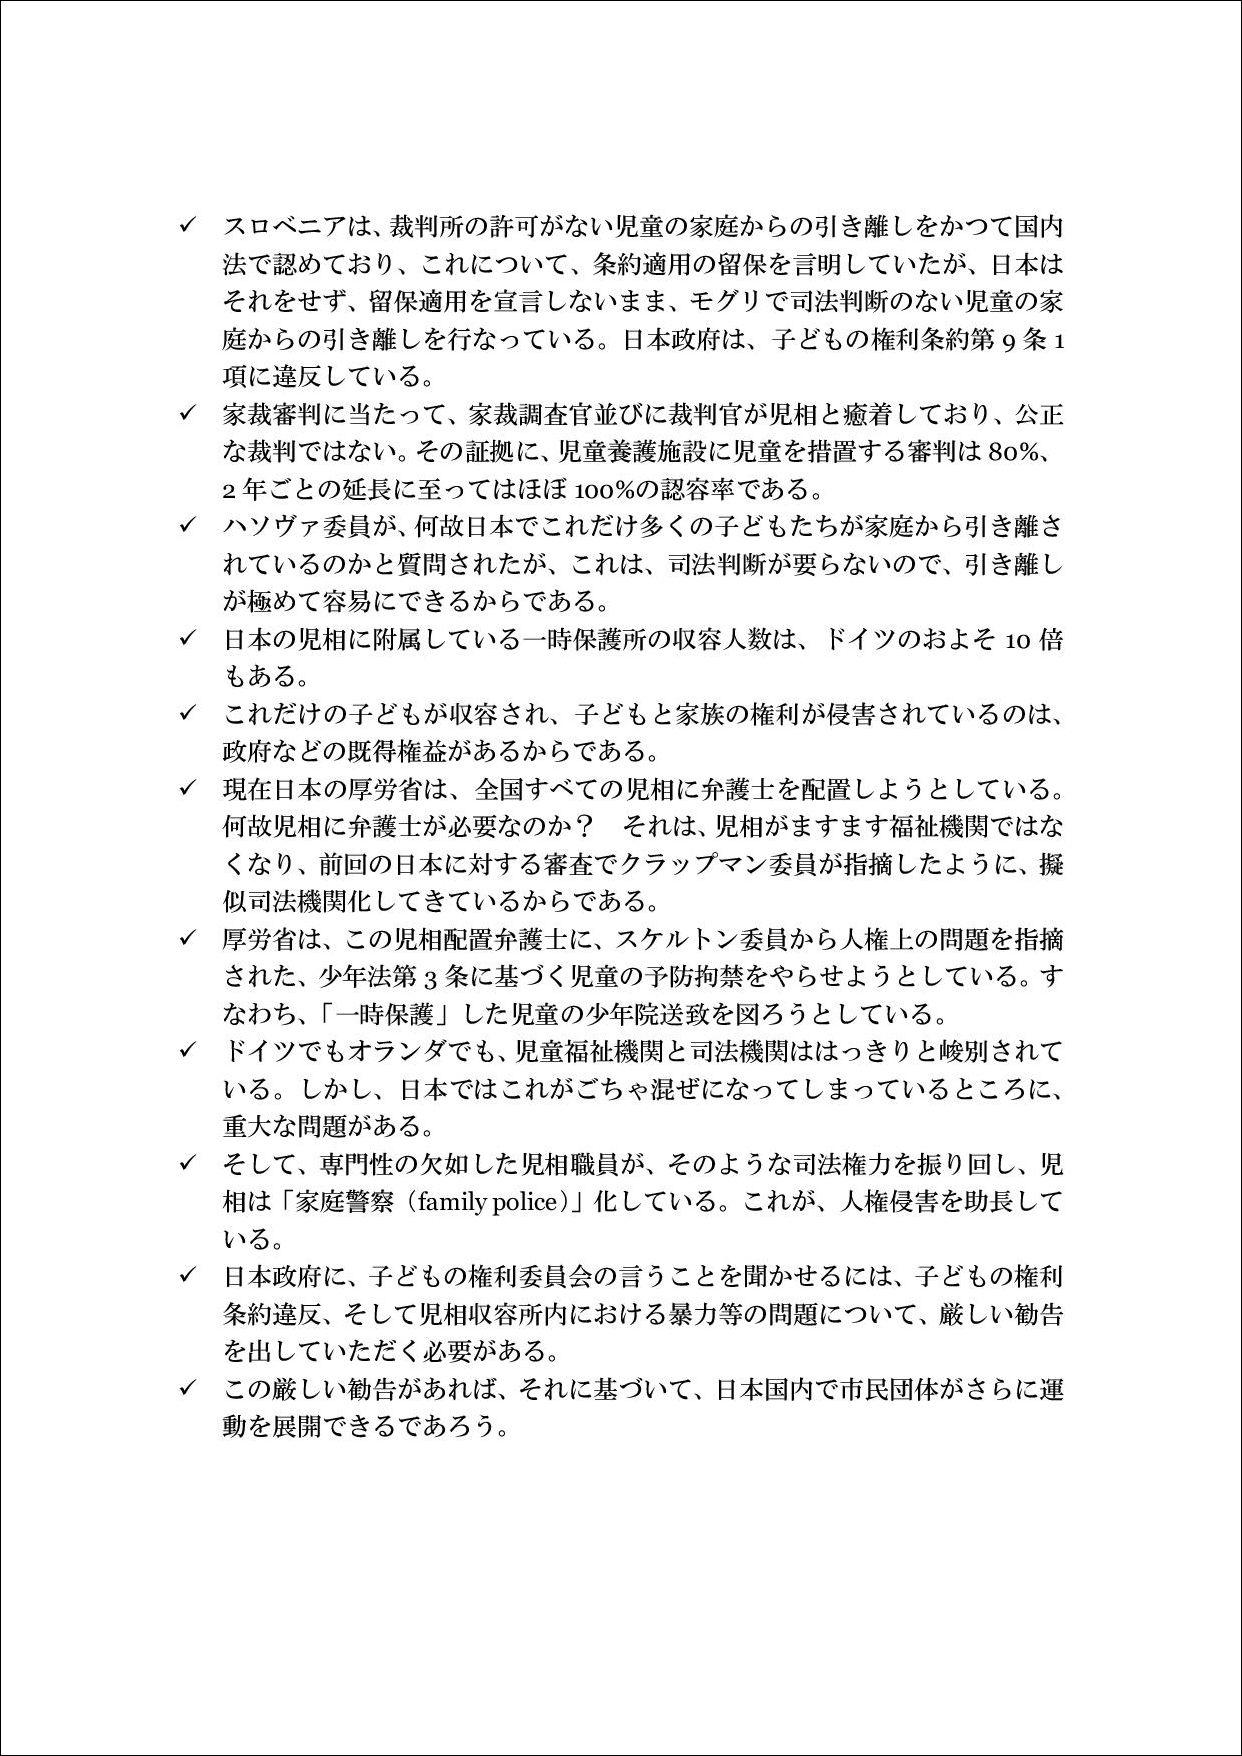 子どもの権利委員会-1-002